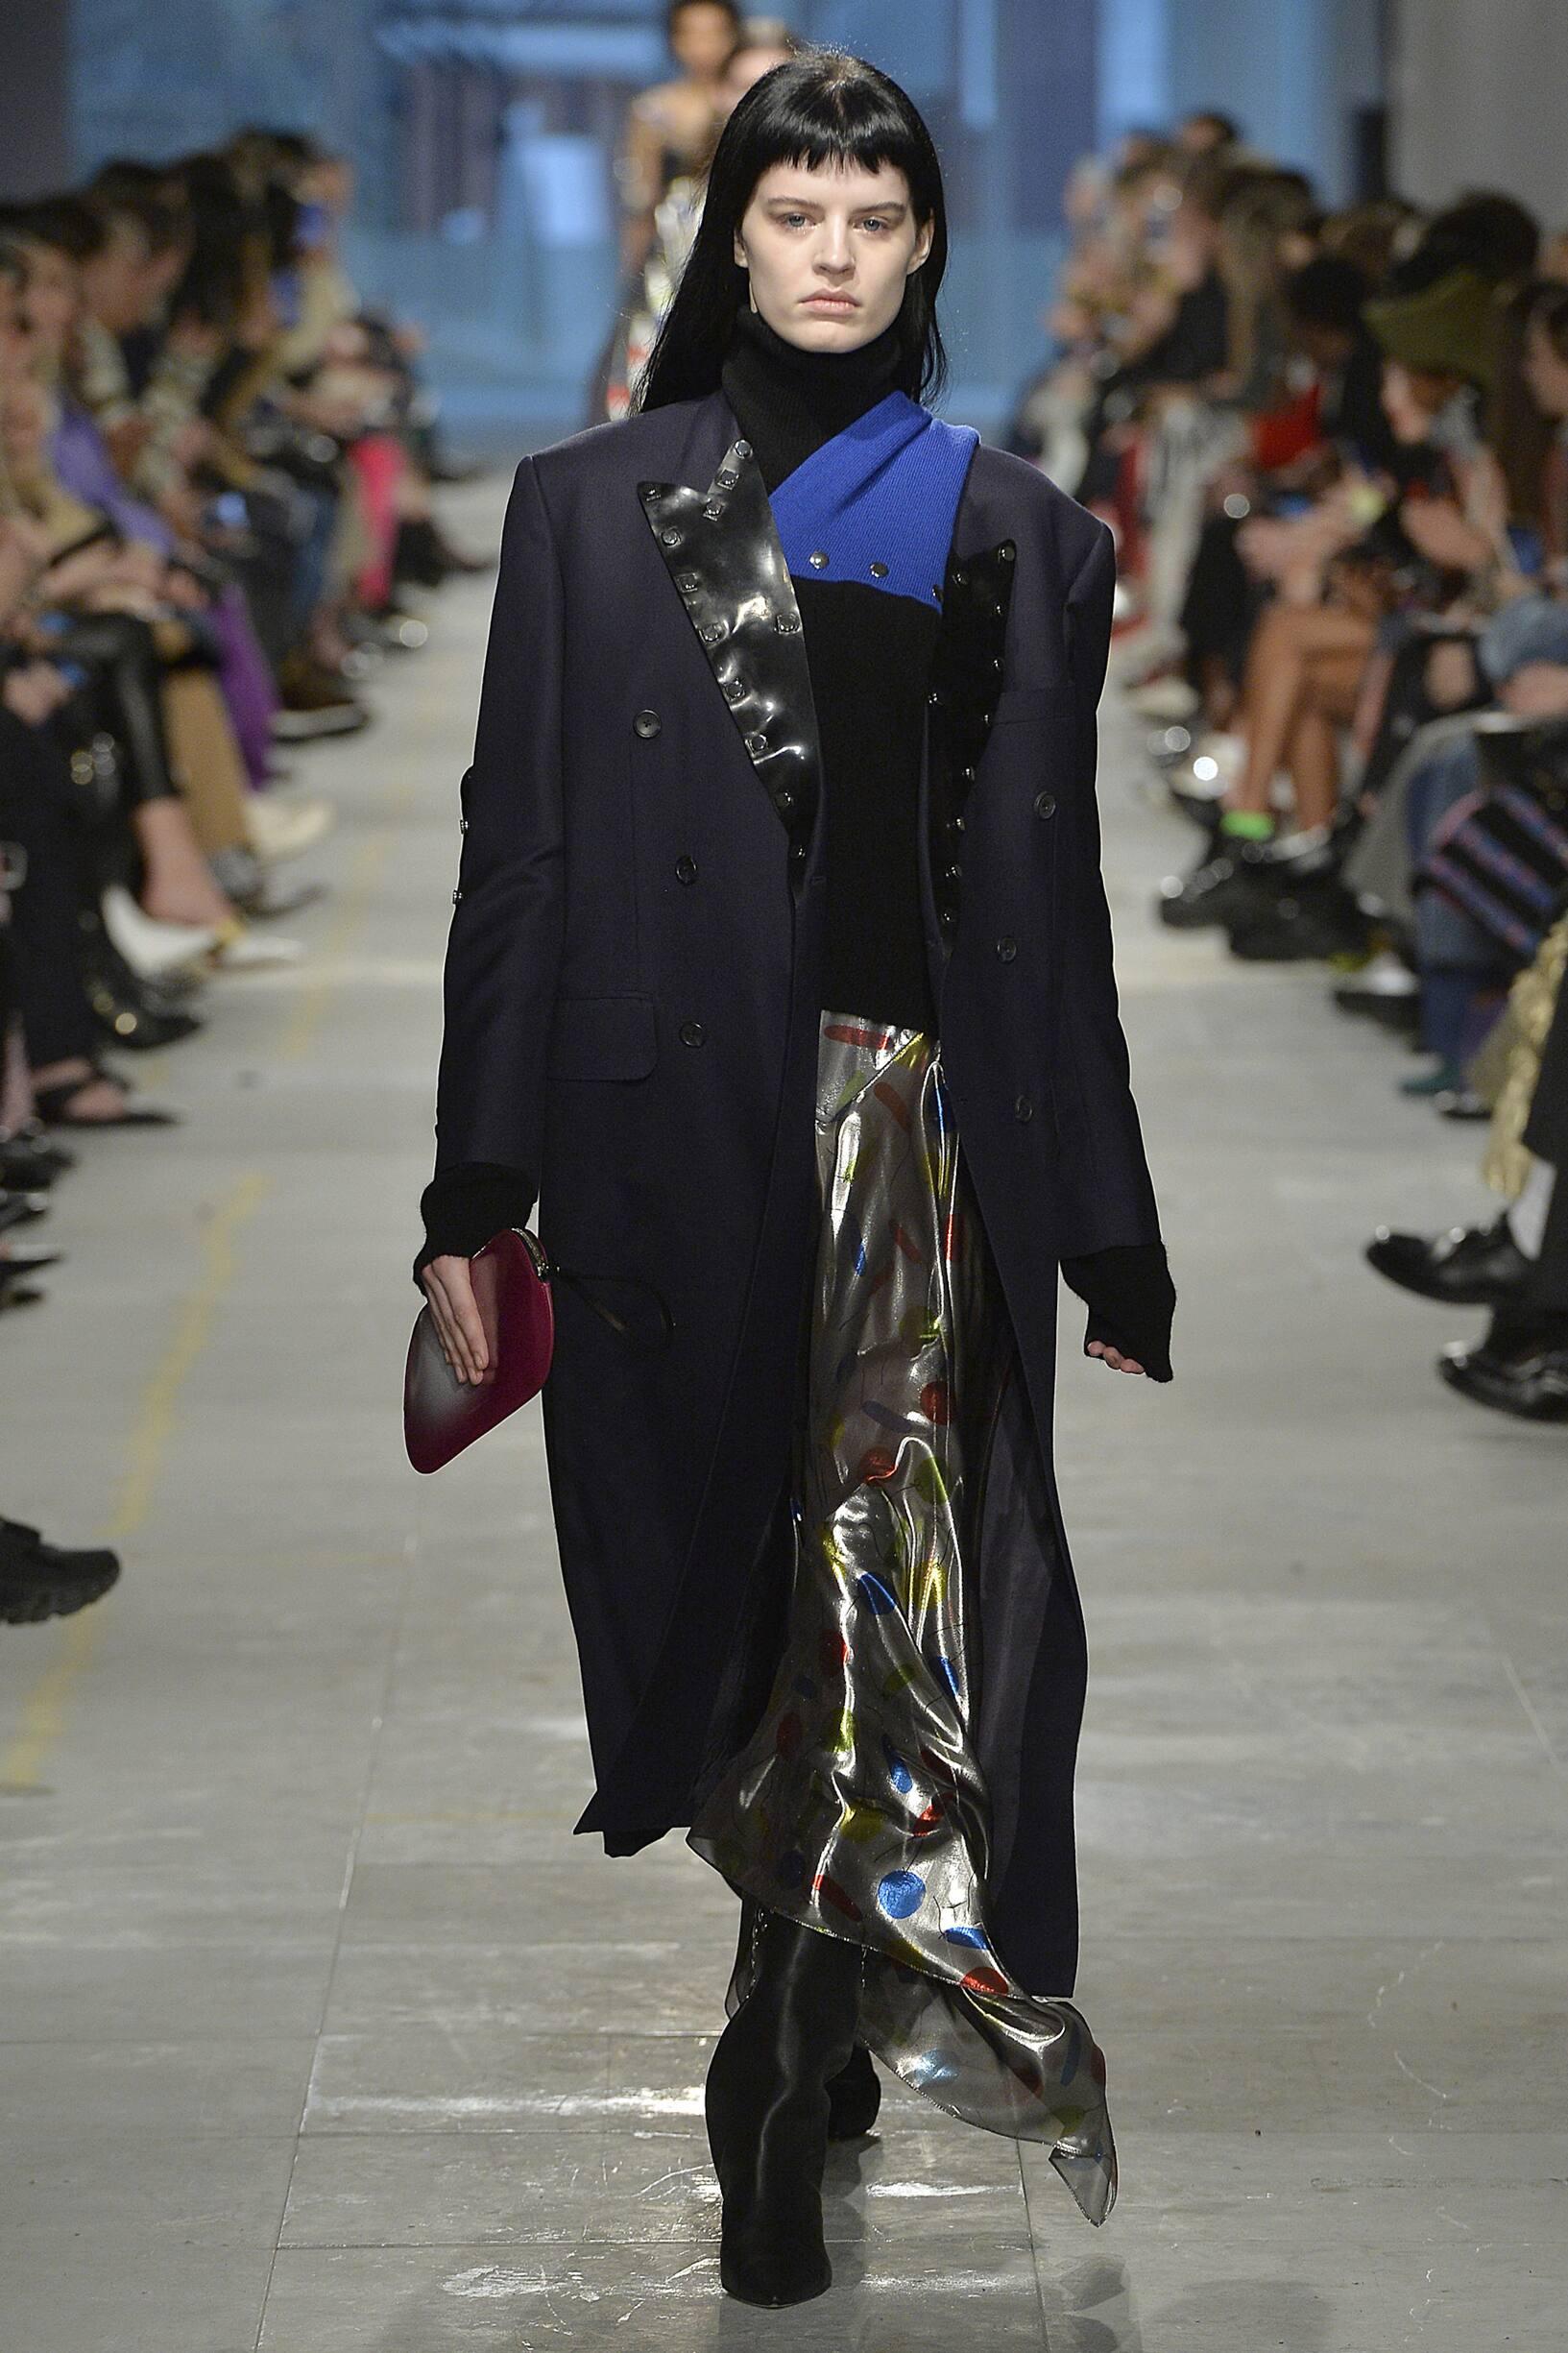 Woman FW 2019 Christopher Kane Show London Fashion Week